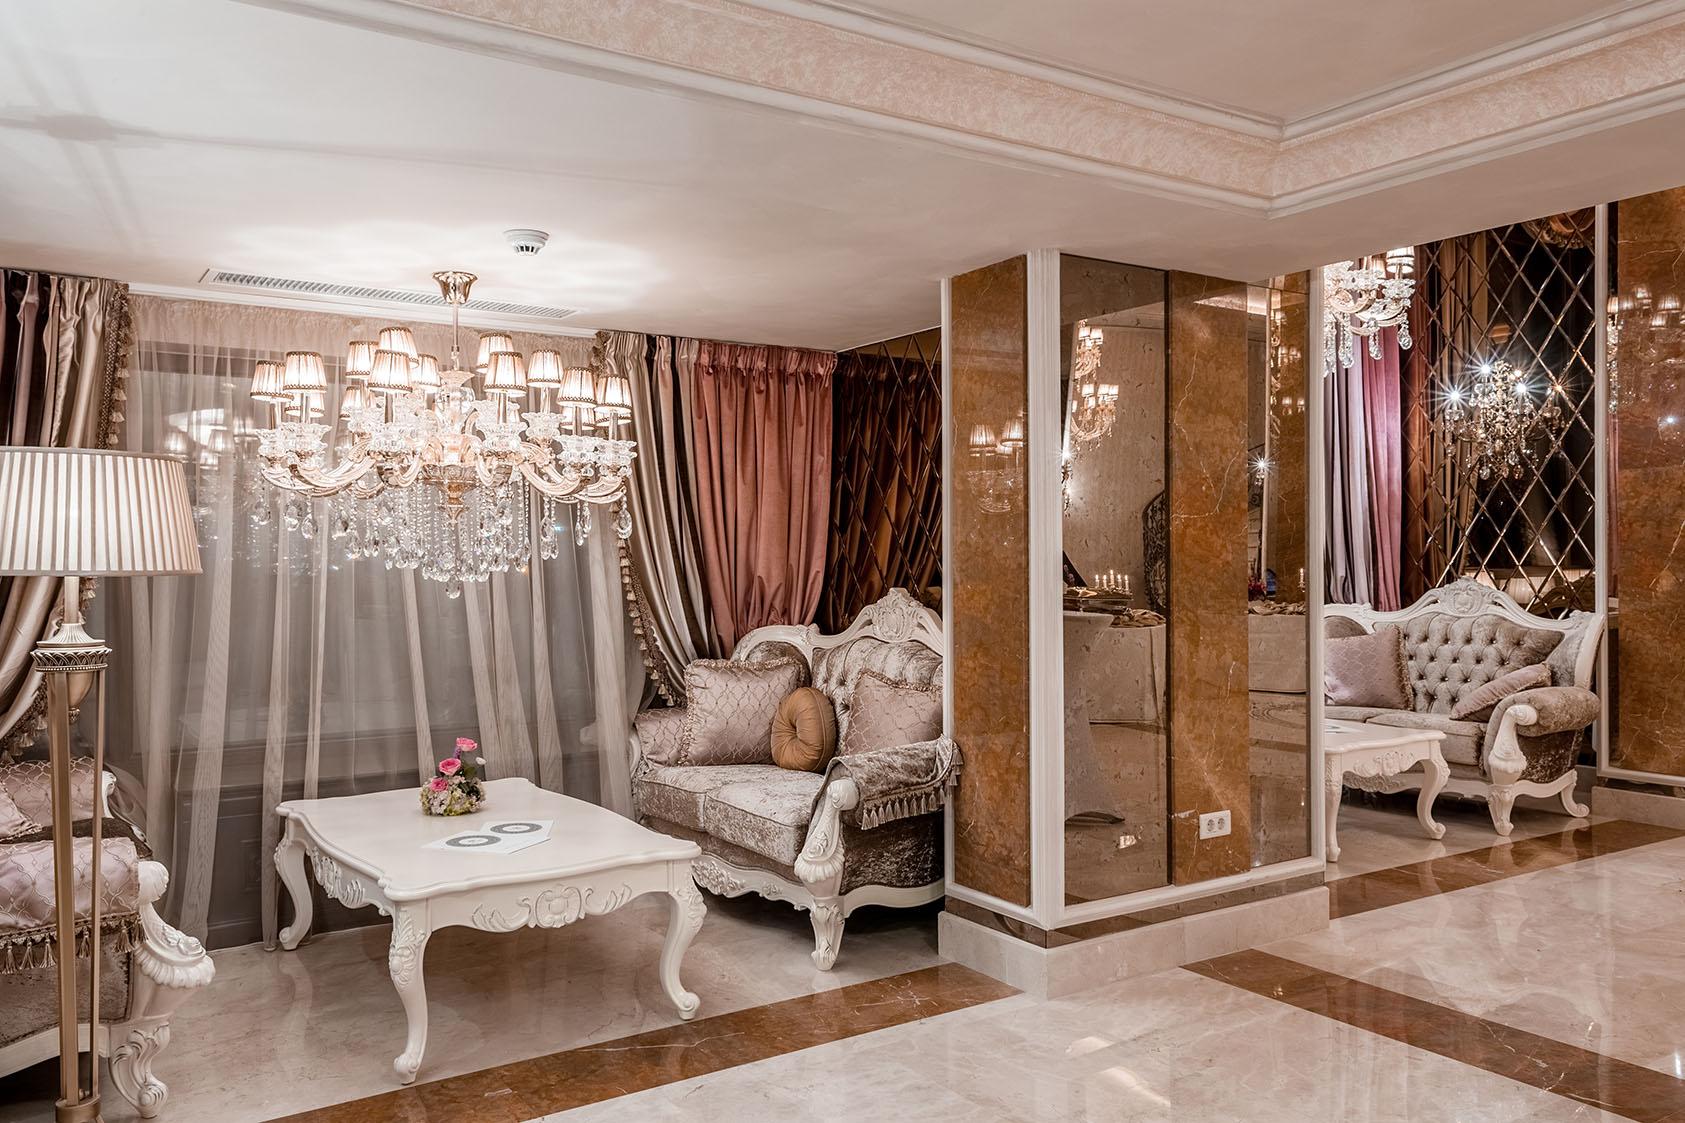 Masha Verhoogt, design de interior